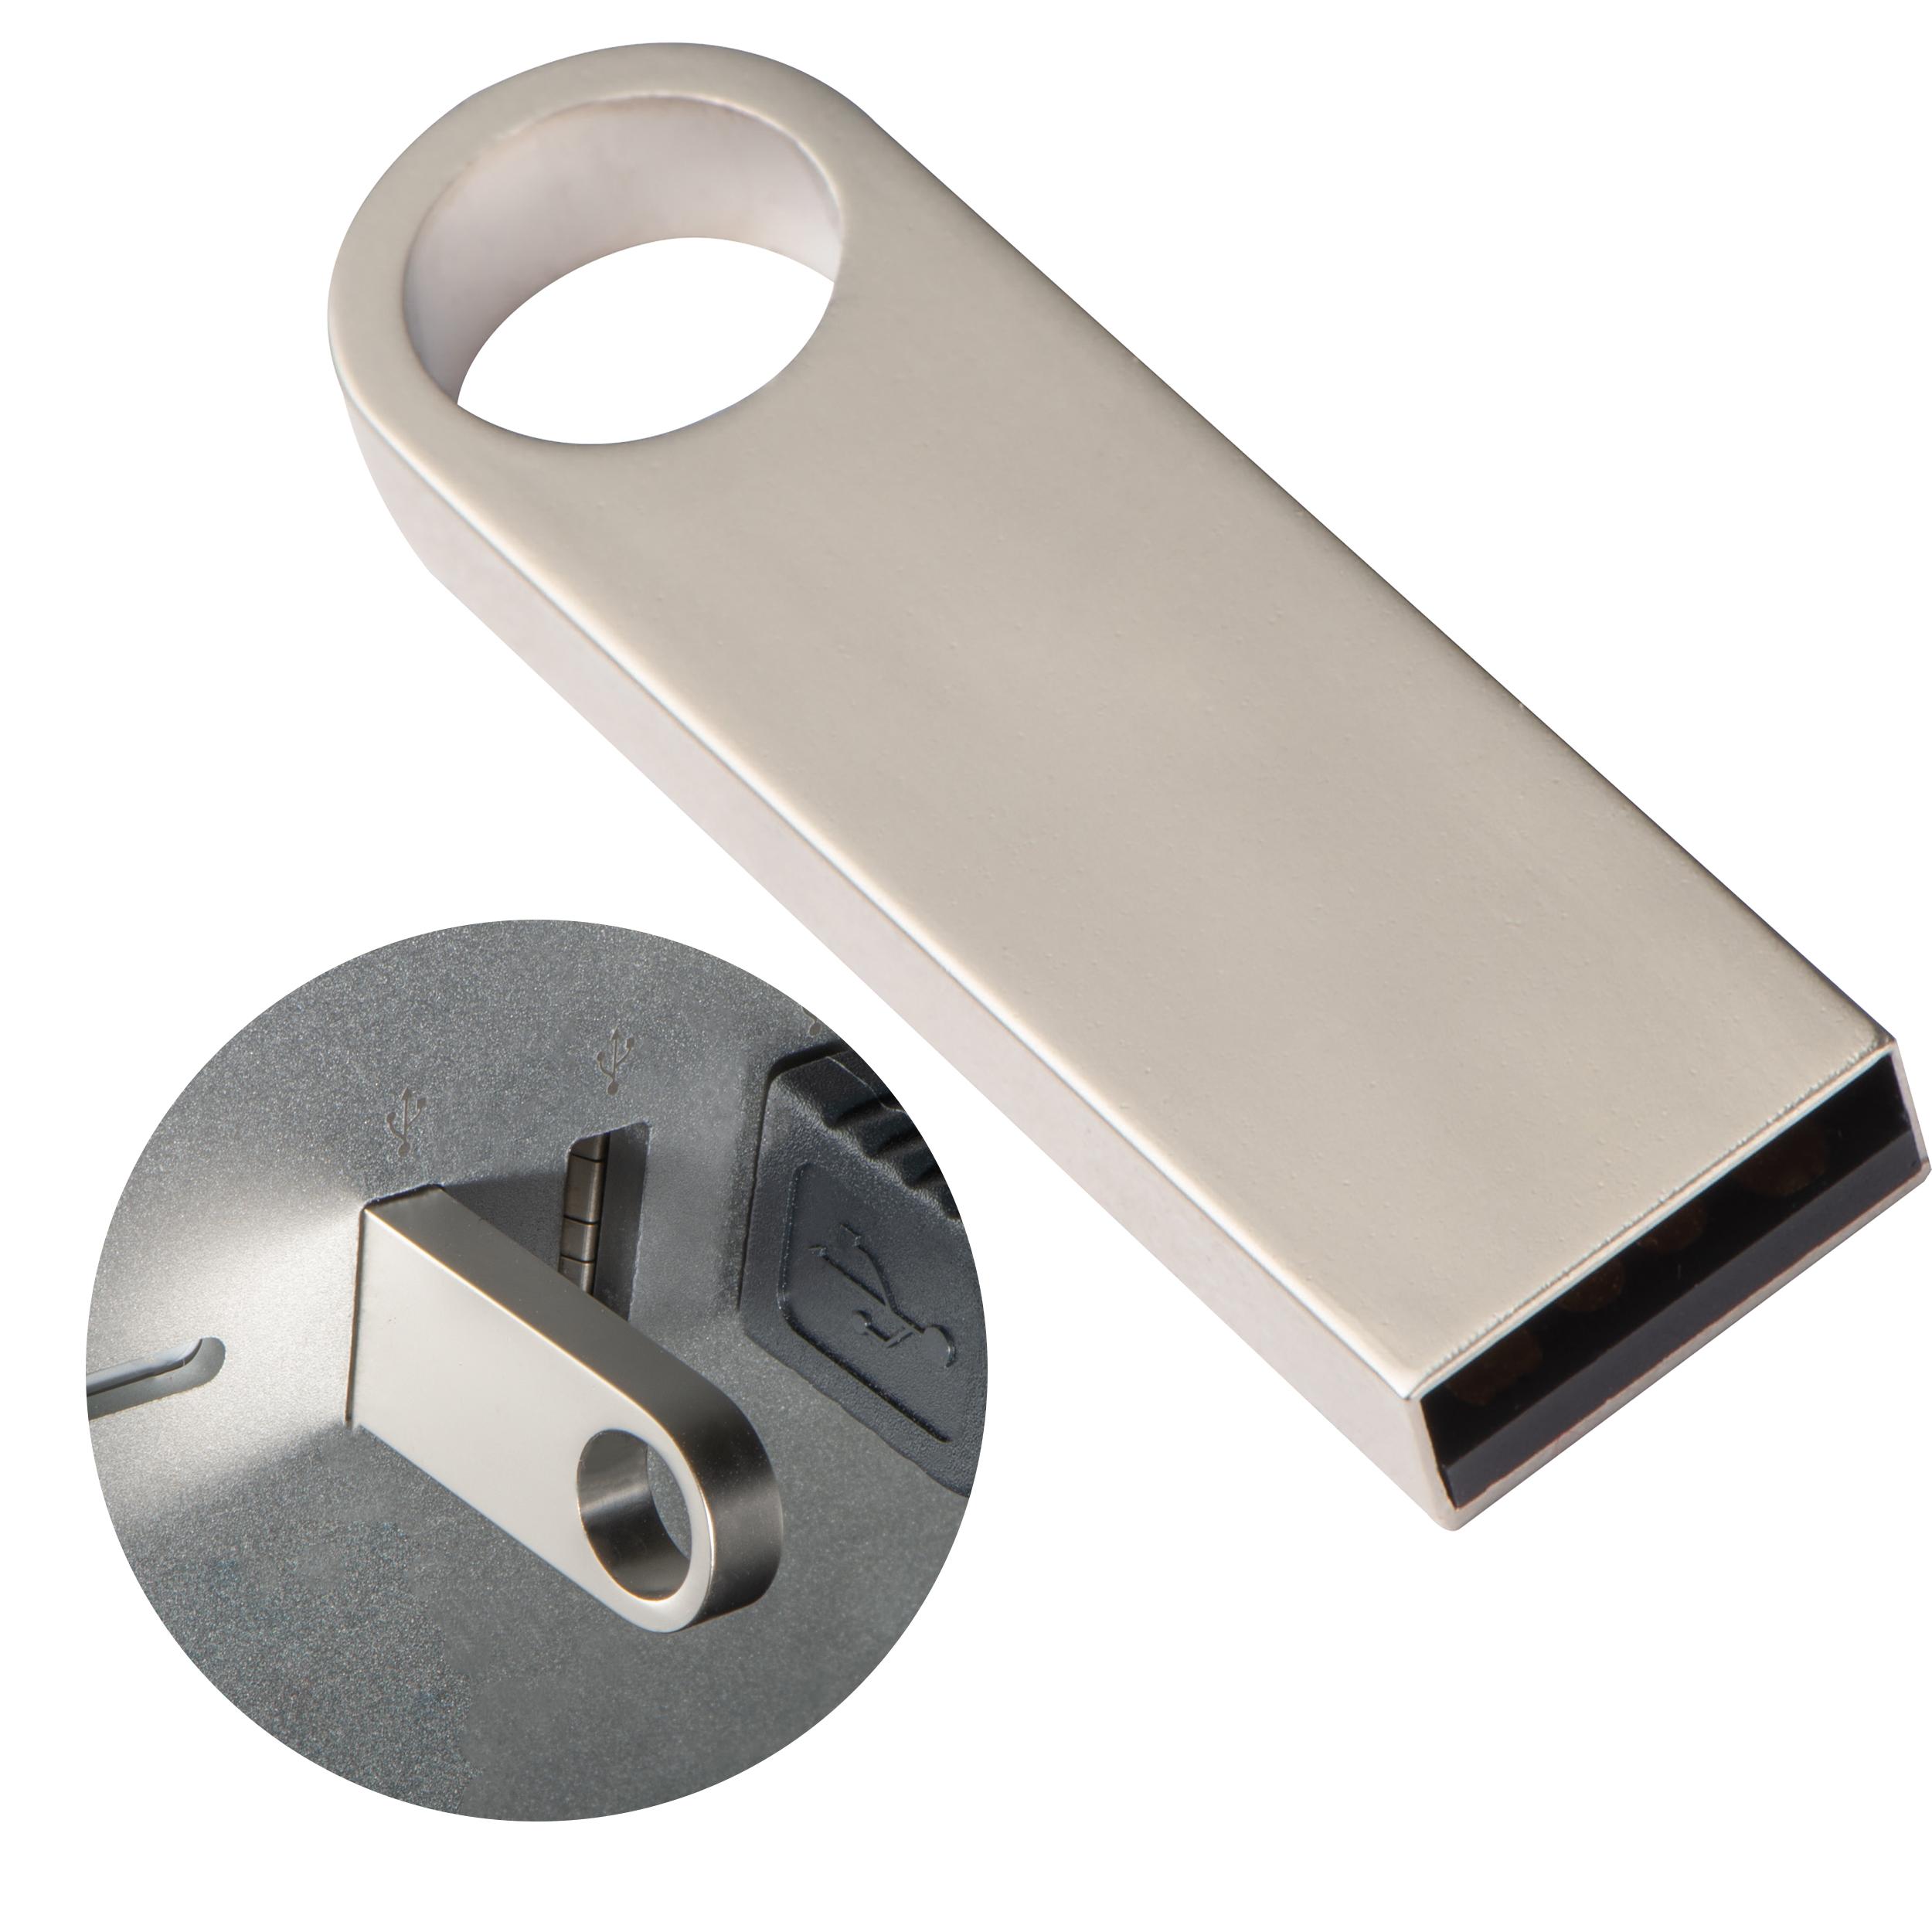 Metal USB stick - 8GB